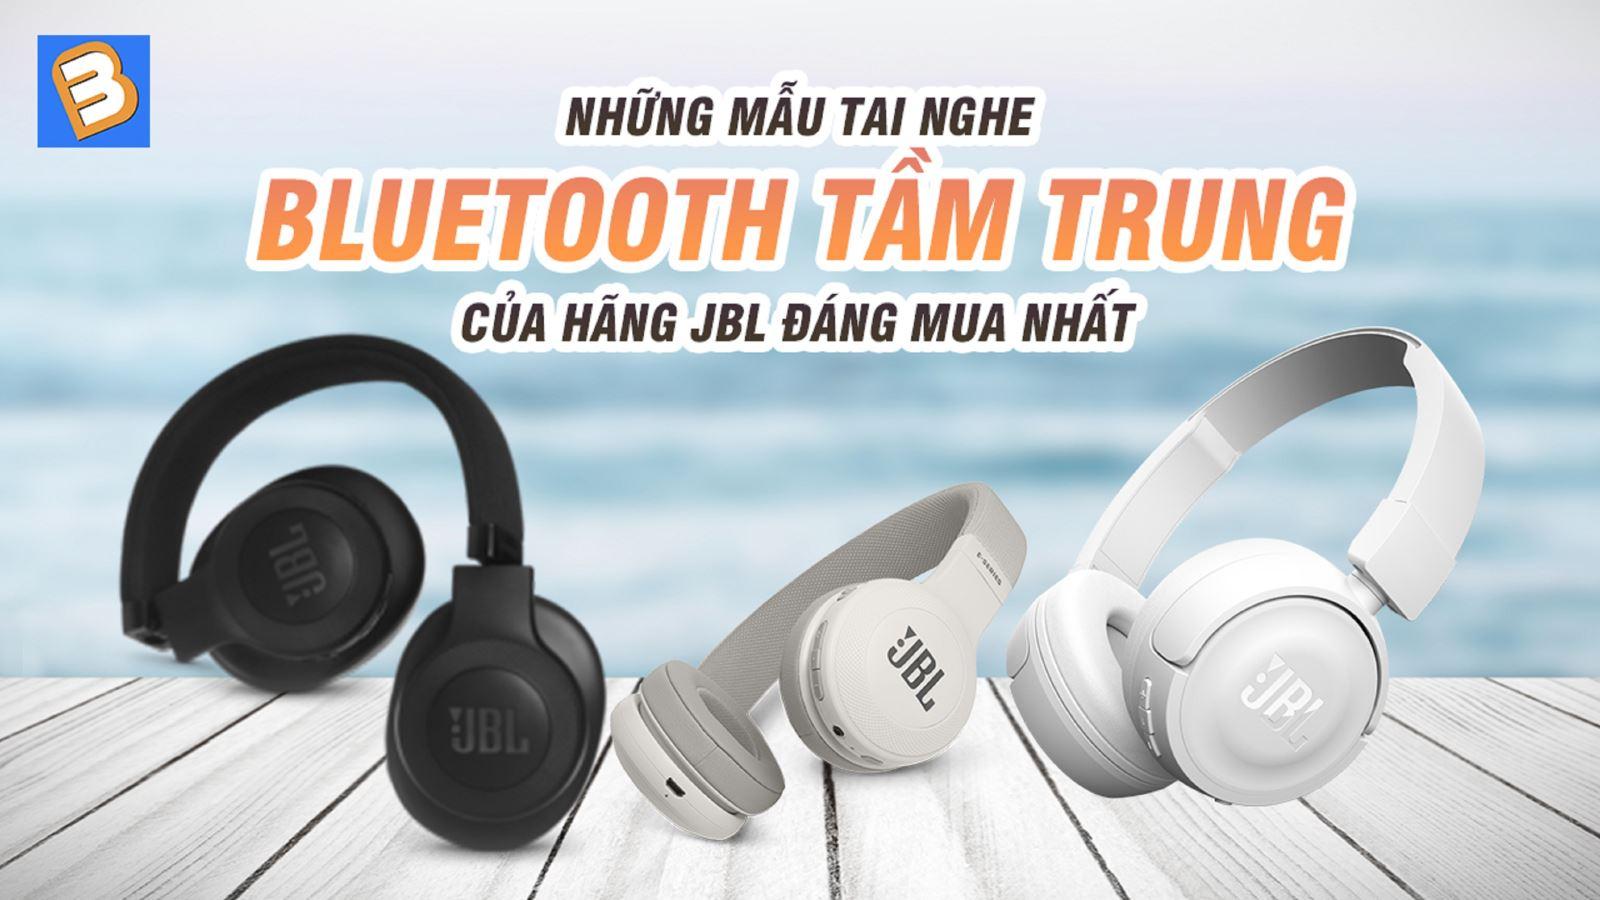 Những mẫutai nghe bluetooth tầm trung của hãng JBL đáng mua nhất